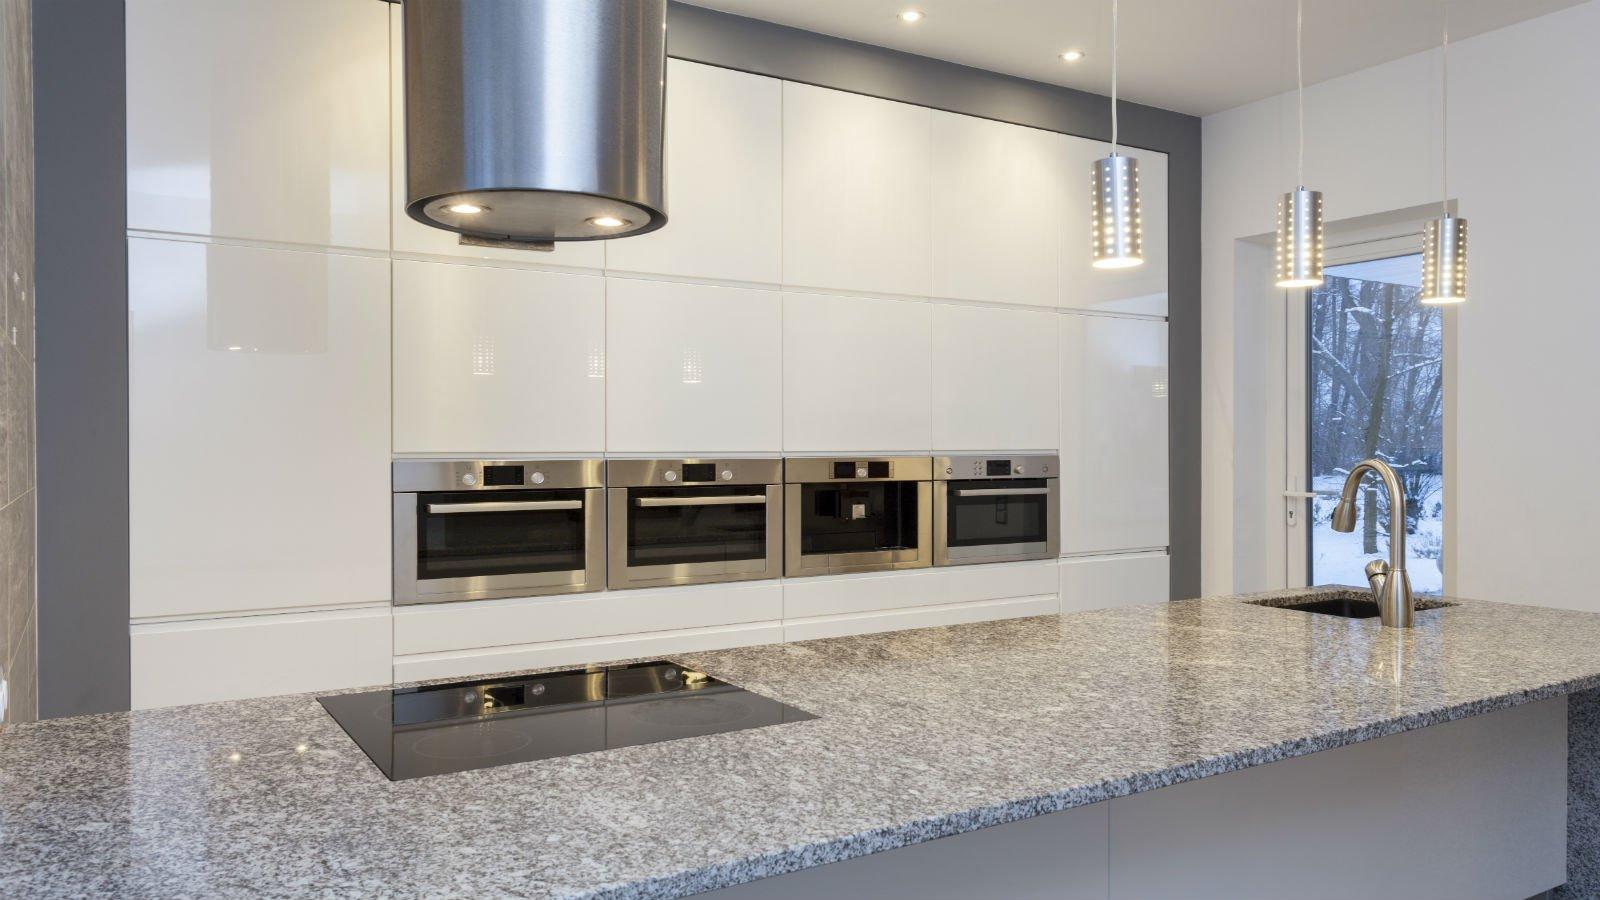 Cucina di marmo bianco